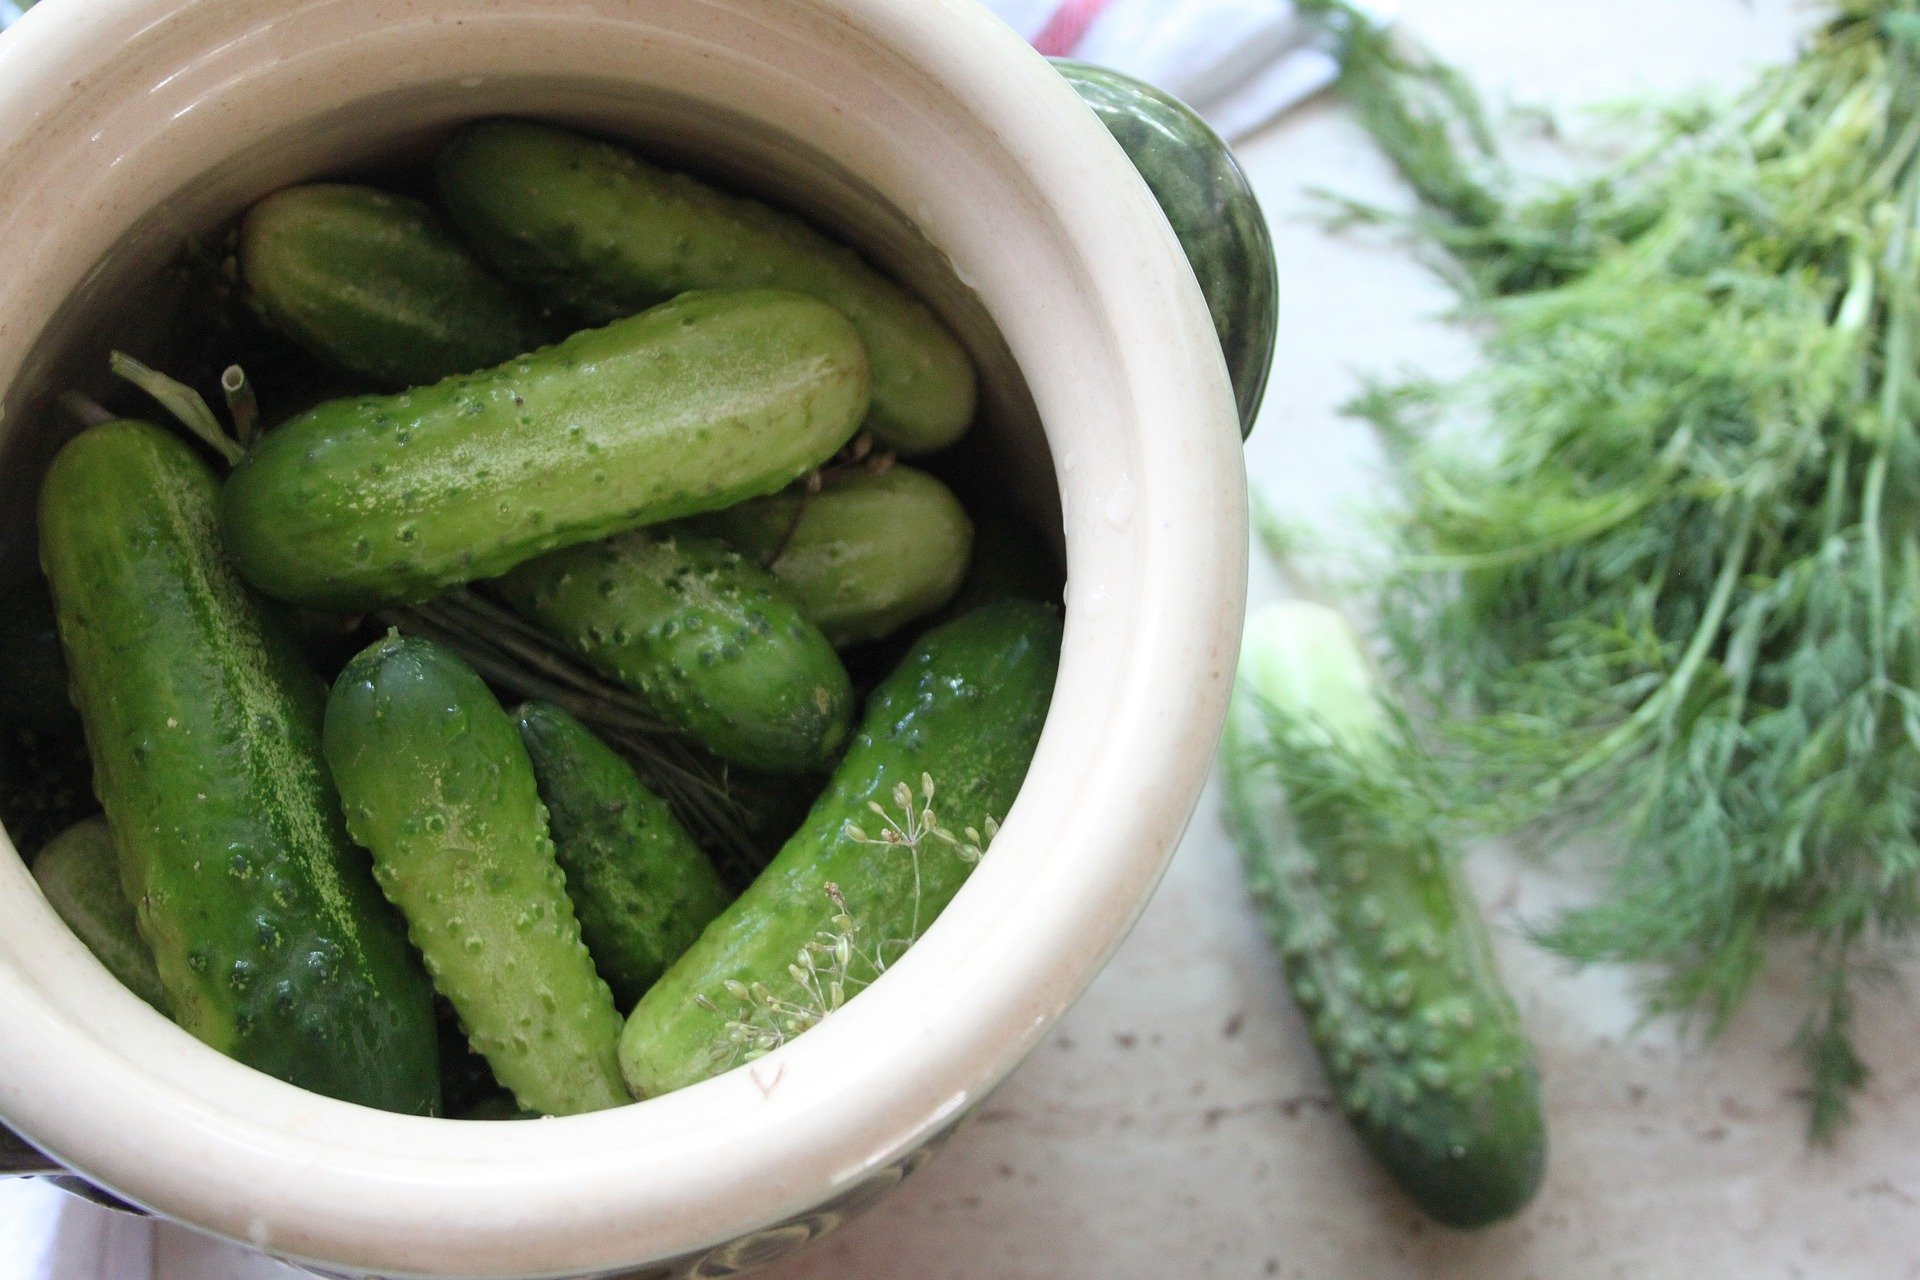 cucumbers-4548039 1920